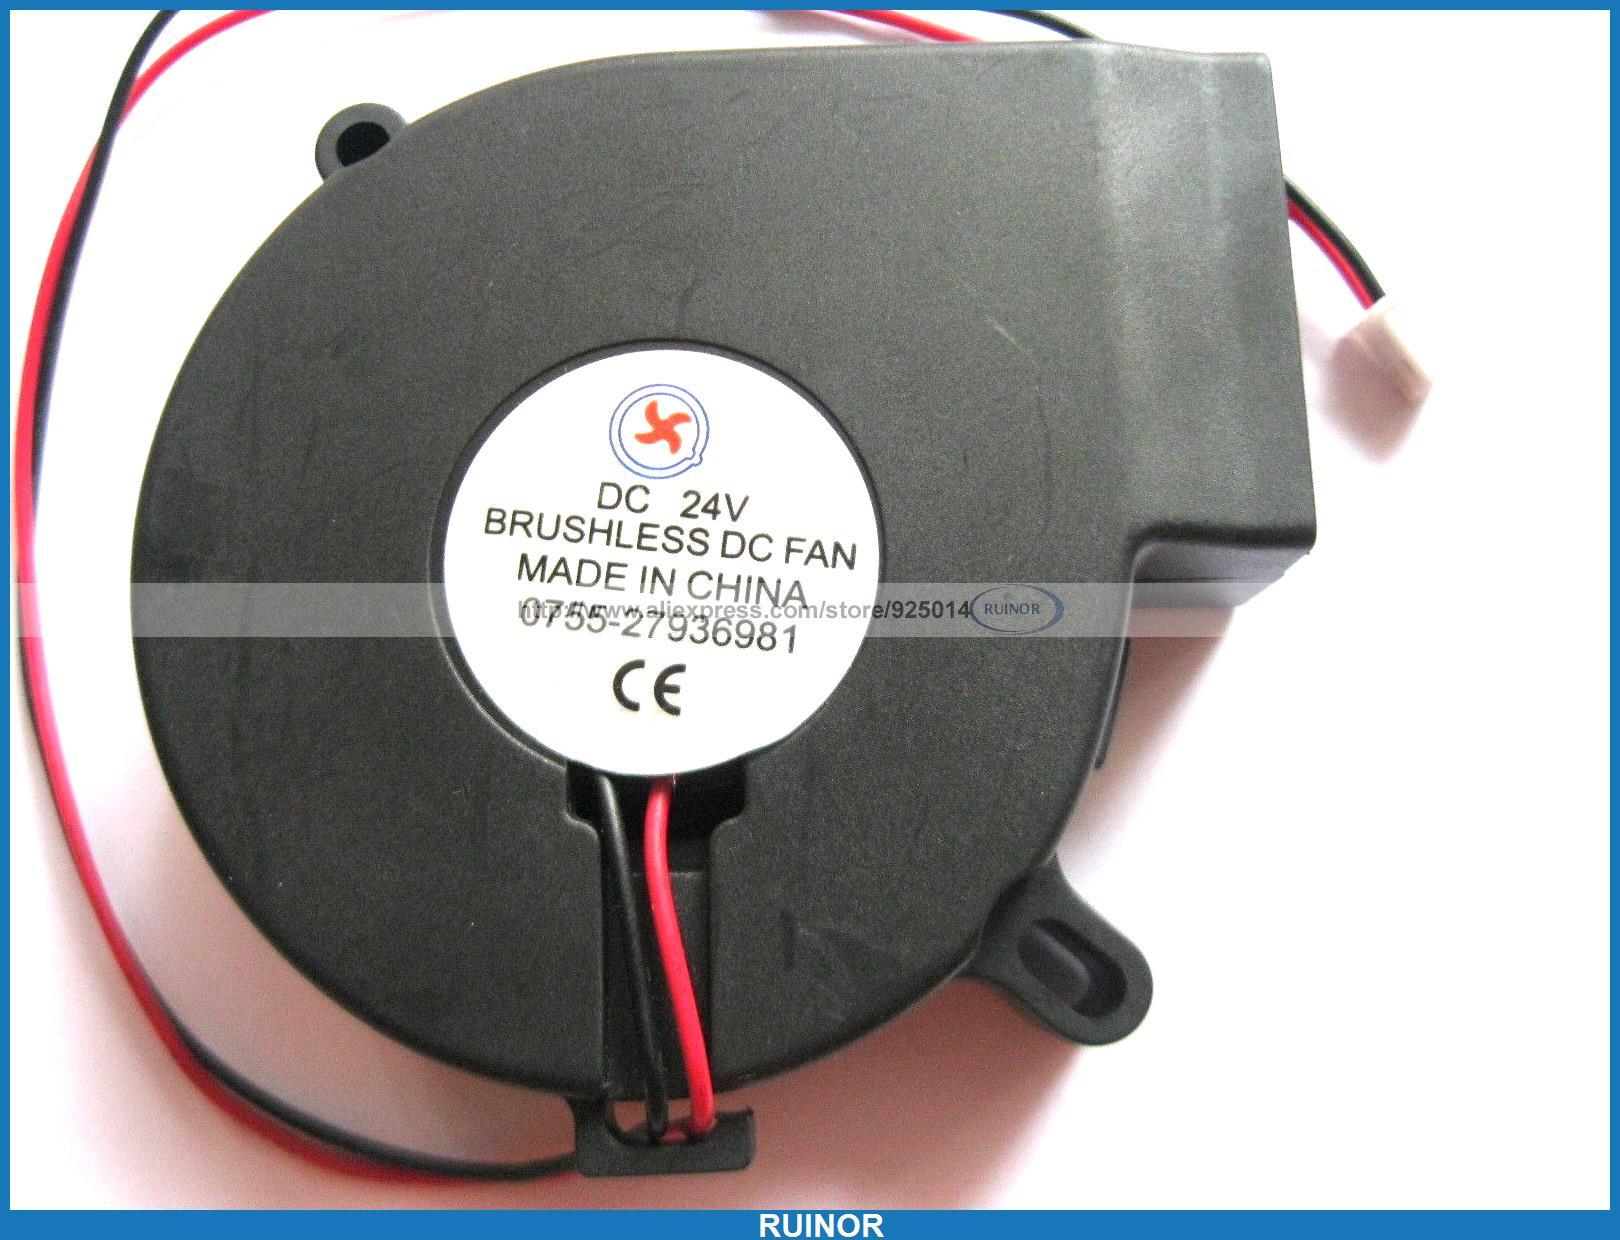 4 Pcs Brushless DC Cooling Blower Fan 7525 24V 7525s av 8025m24b dc 24v brushless cooling fan for diy